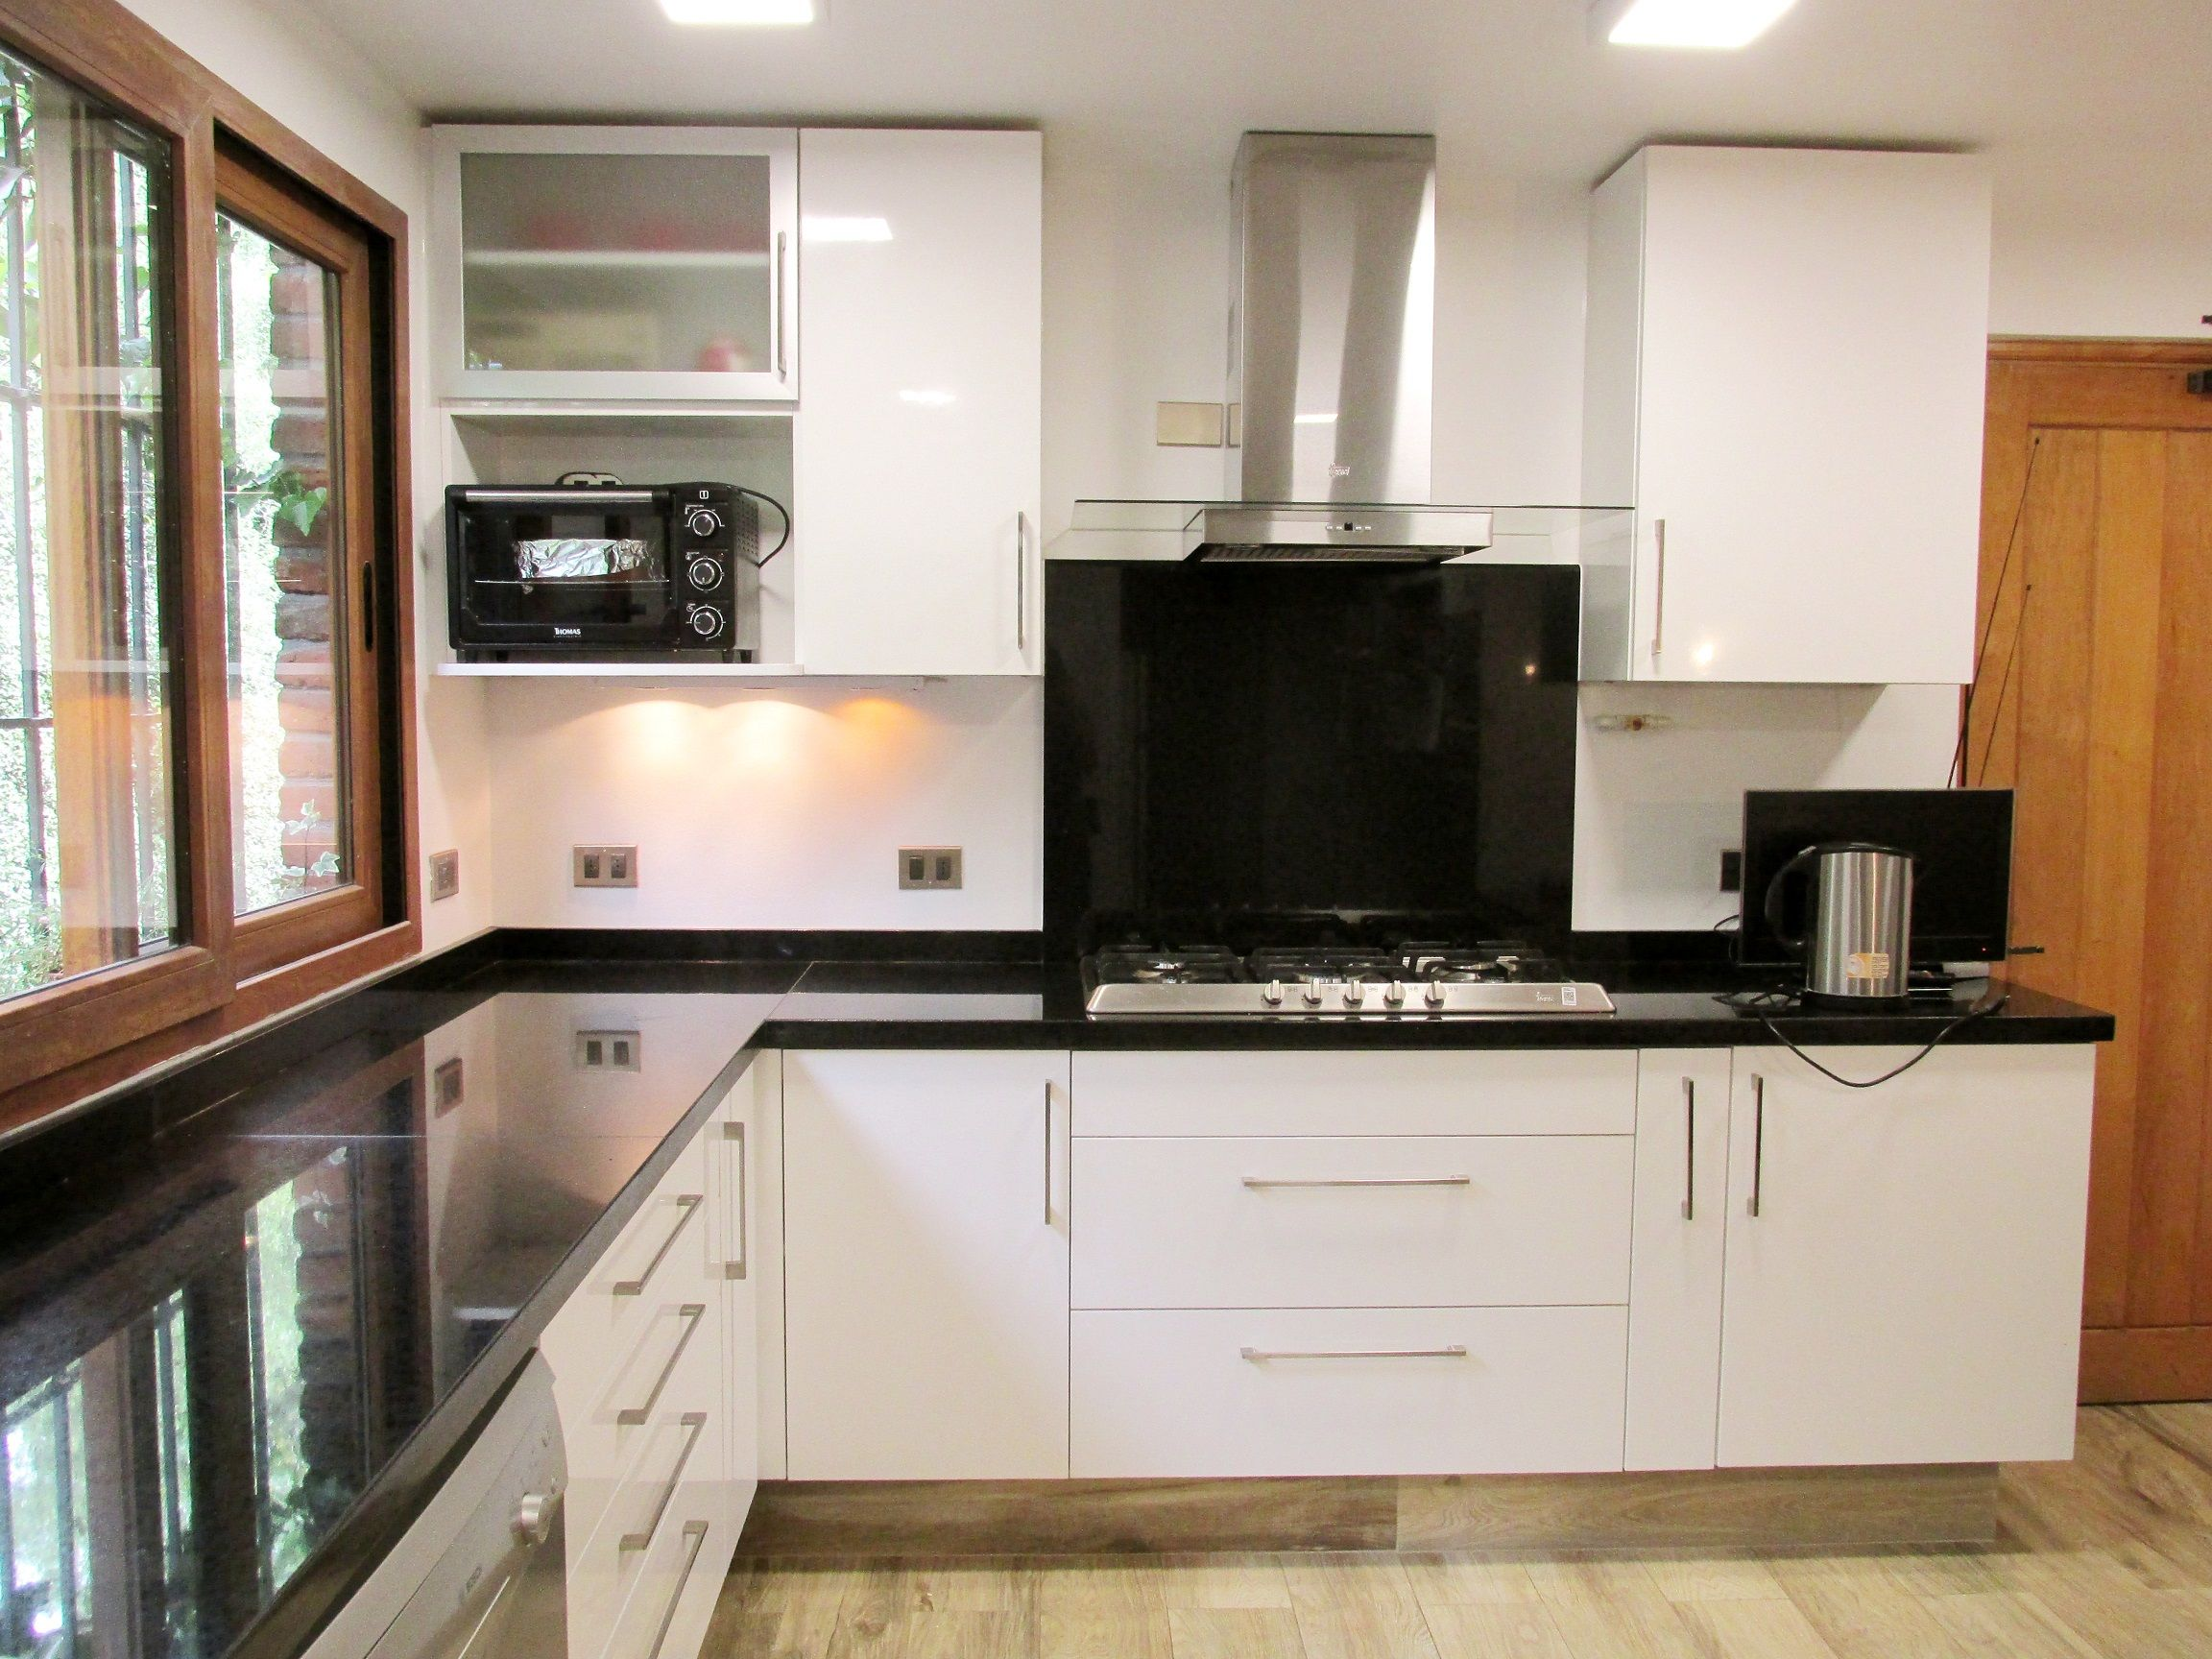 Cocinas Pequenas Con Muebles Blancos.Muebles De Cocina Blanco Brillante Con Cubierta De Granito